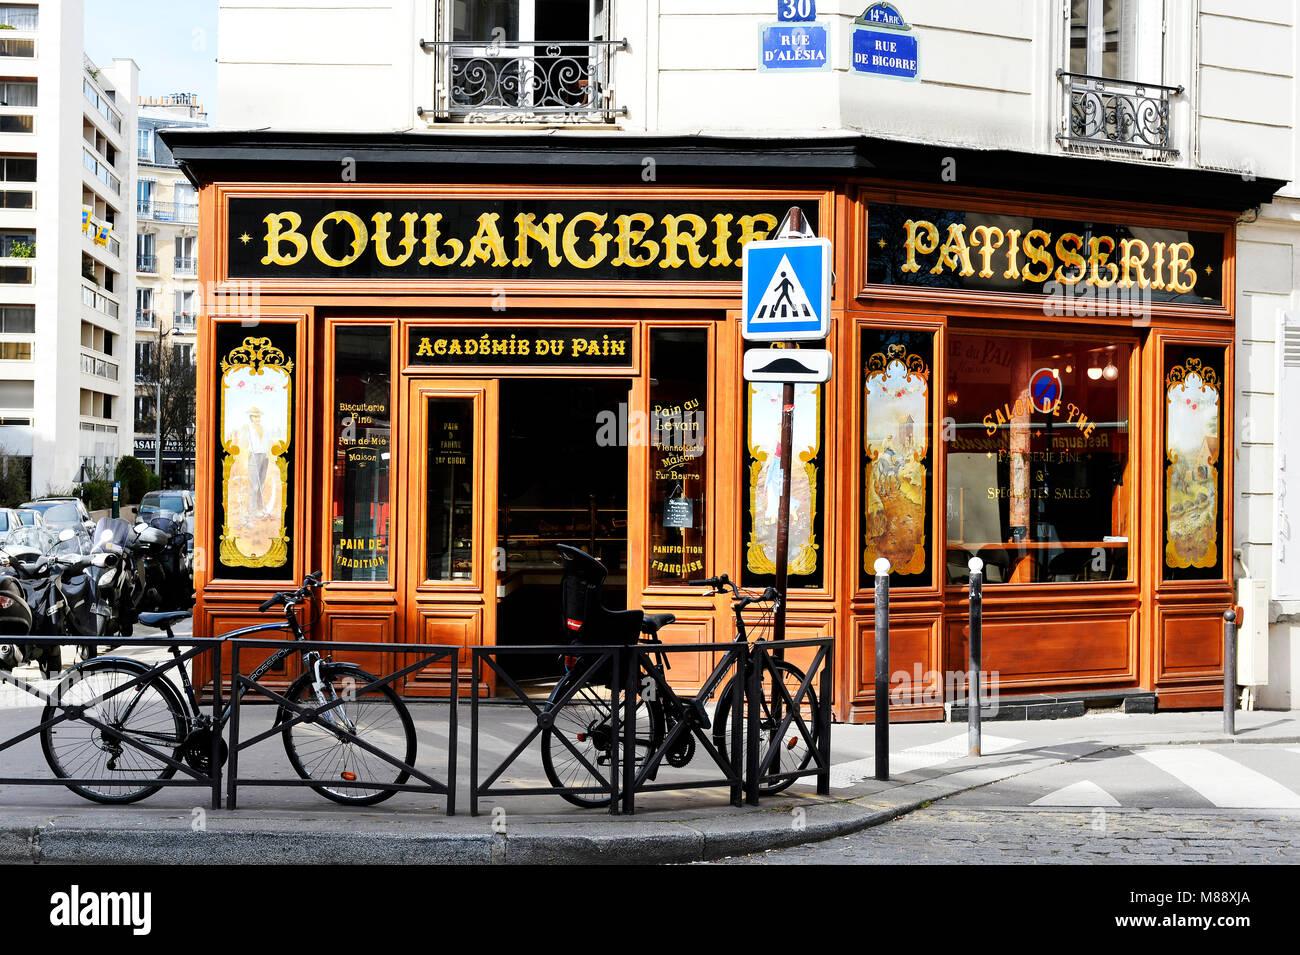 Boulangerie pâtisserie, Paris 14th, France Stock Photo: 177217442 - Alamy